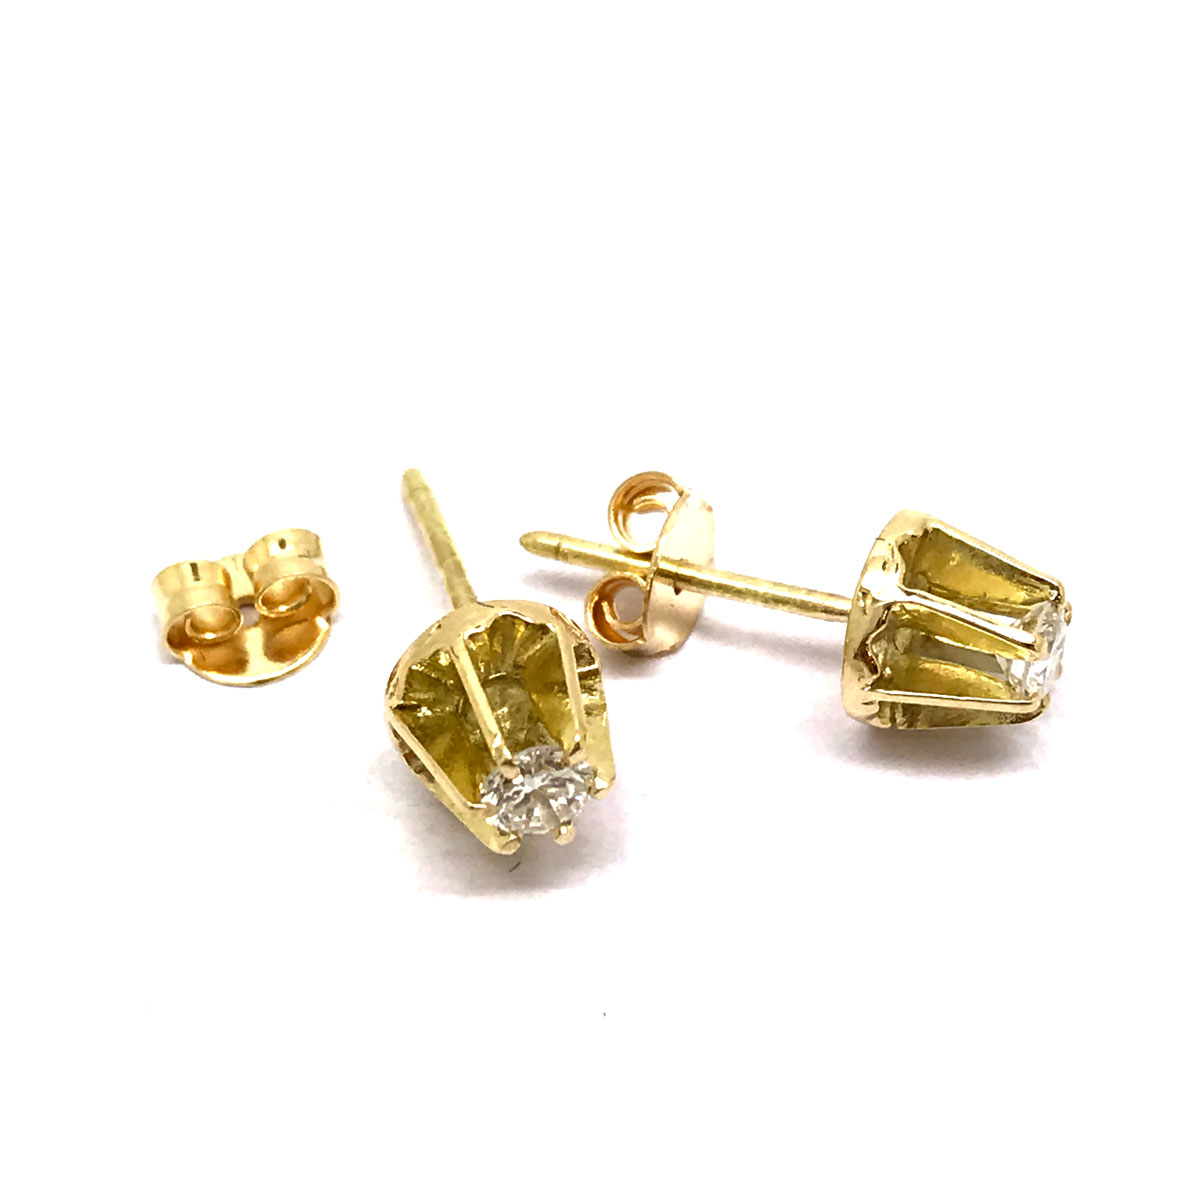 Brinco Diamantes Clássico 22 Pontos Ouro 18K 750 K580